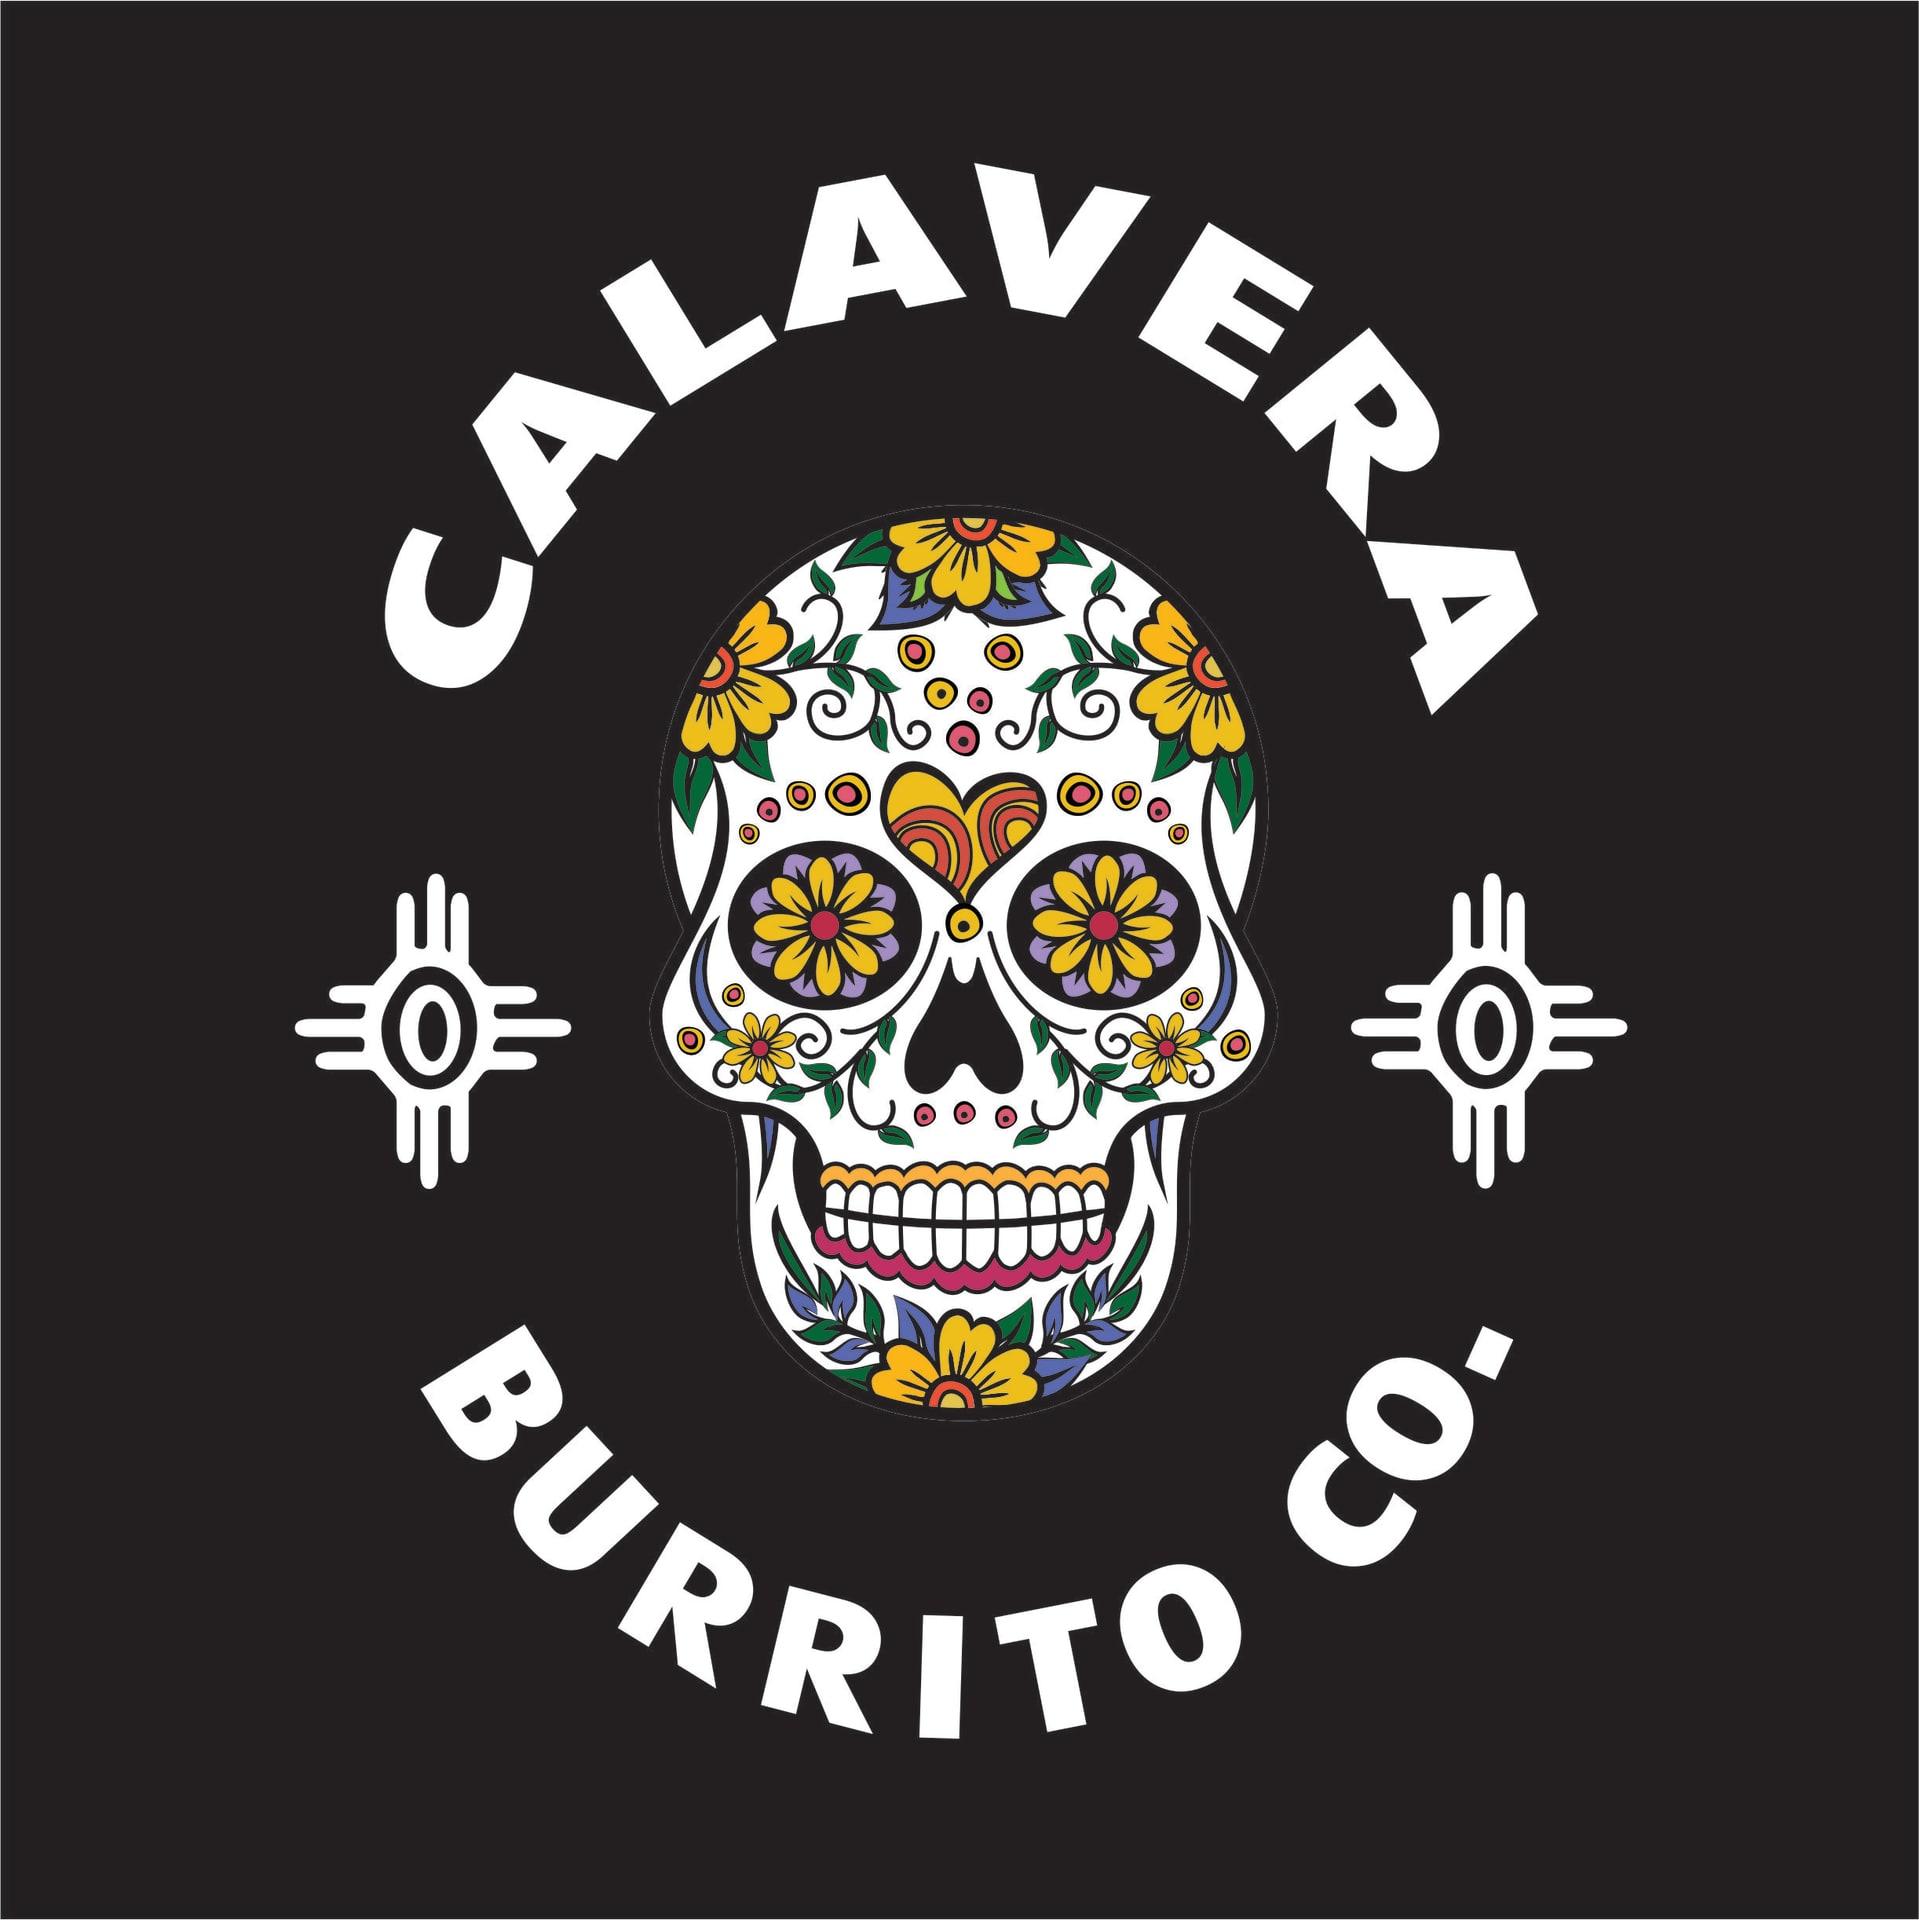 Calavera Burrito Company Calavera Burrito Co